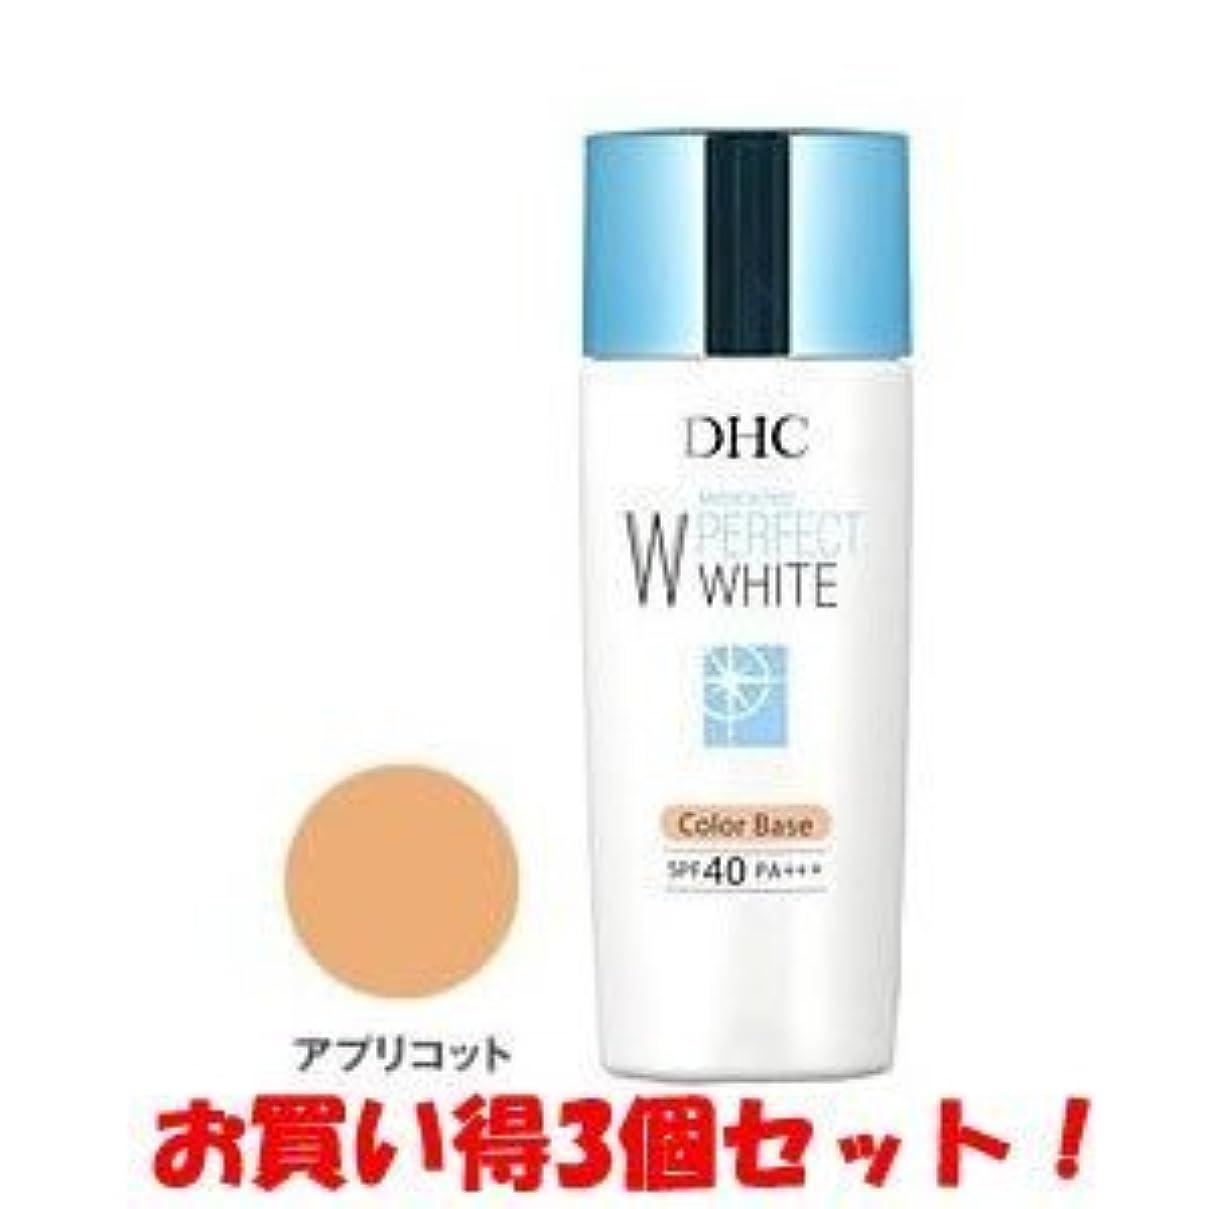 君主制ただやる残酷なDHC 薬用パーフェクトホワイト カラーベース アプリコット 30g(医薬部外品)(お買い得3個セット)